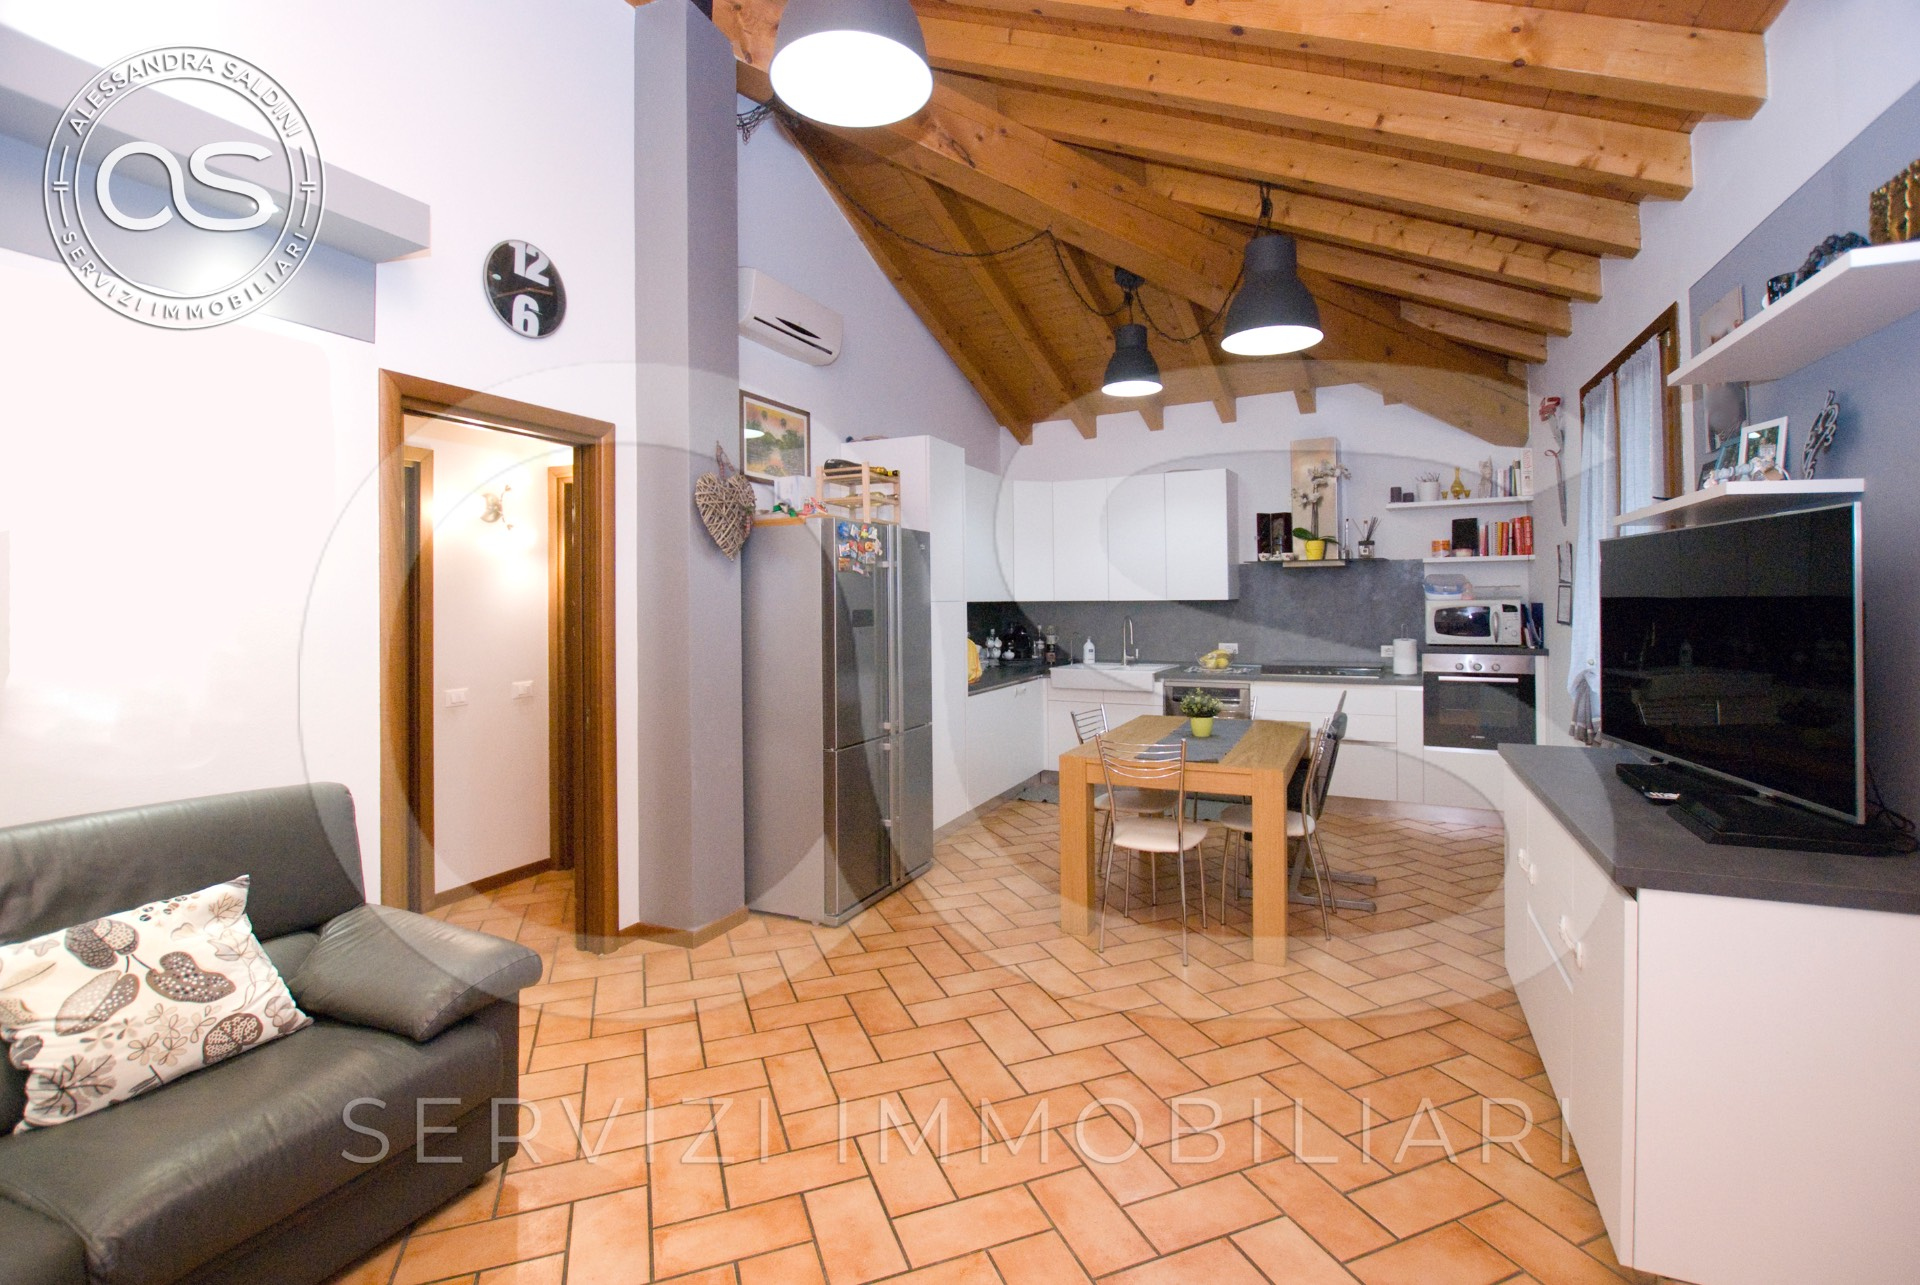 Appartamento in vendita a Cigole, 3 locali, prezzo € 99.000 | PortaleAgenzieImmobiliari.it